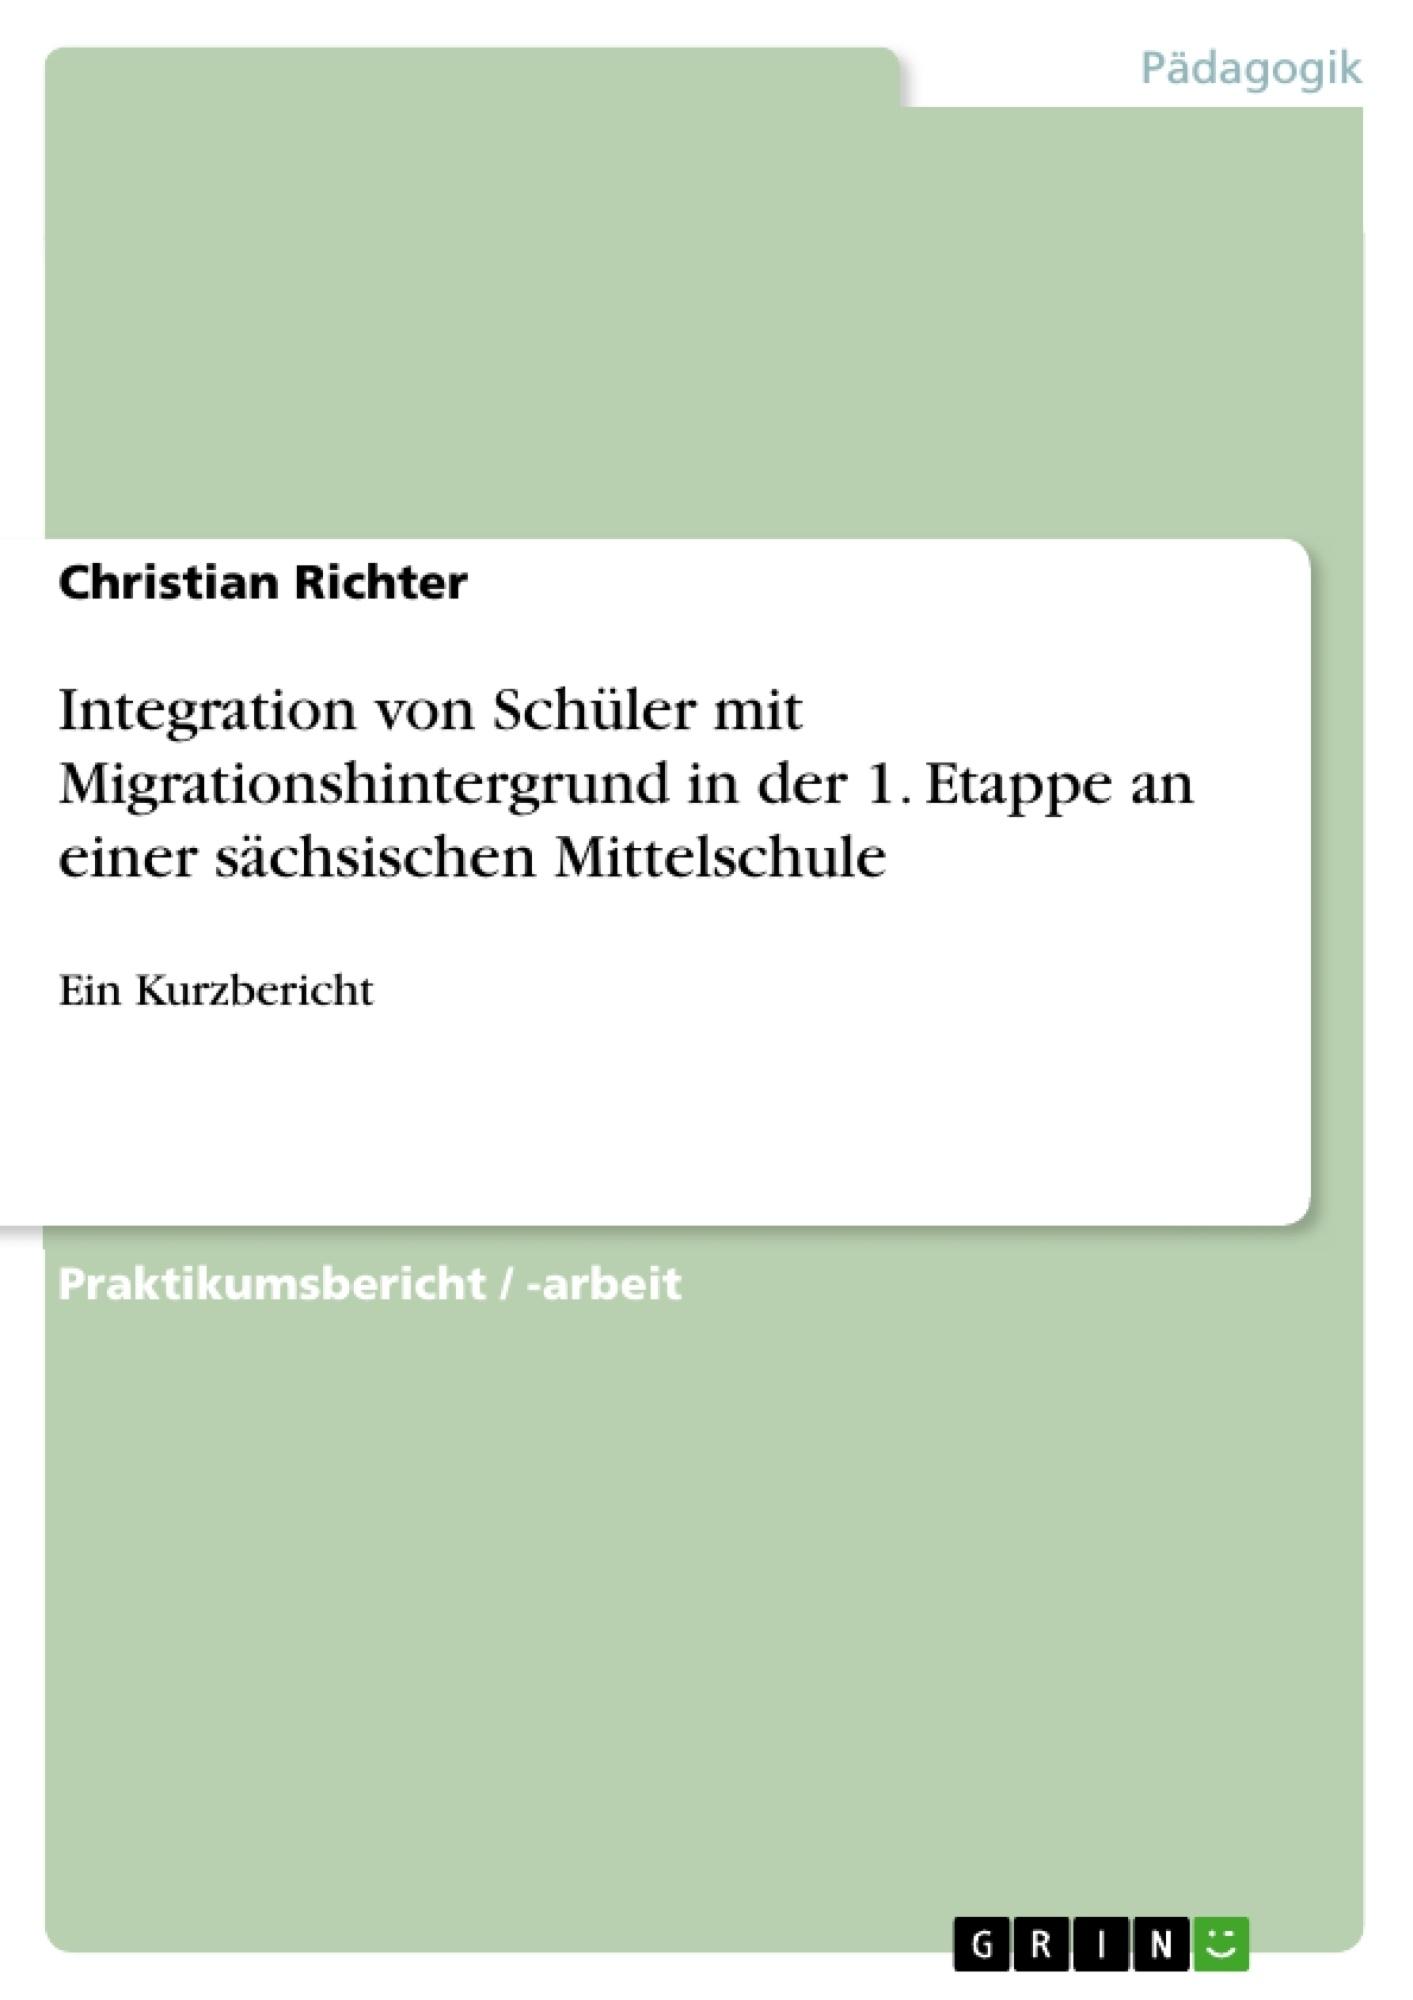 Titel: Integration von Schüler mit Migrationshintergrund in der 1. Etappe an einer sächsischen Mittelschule